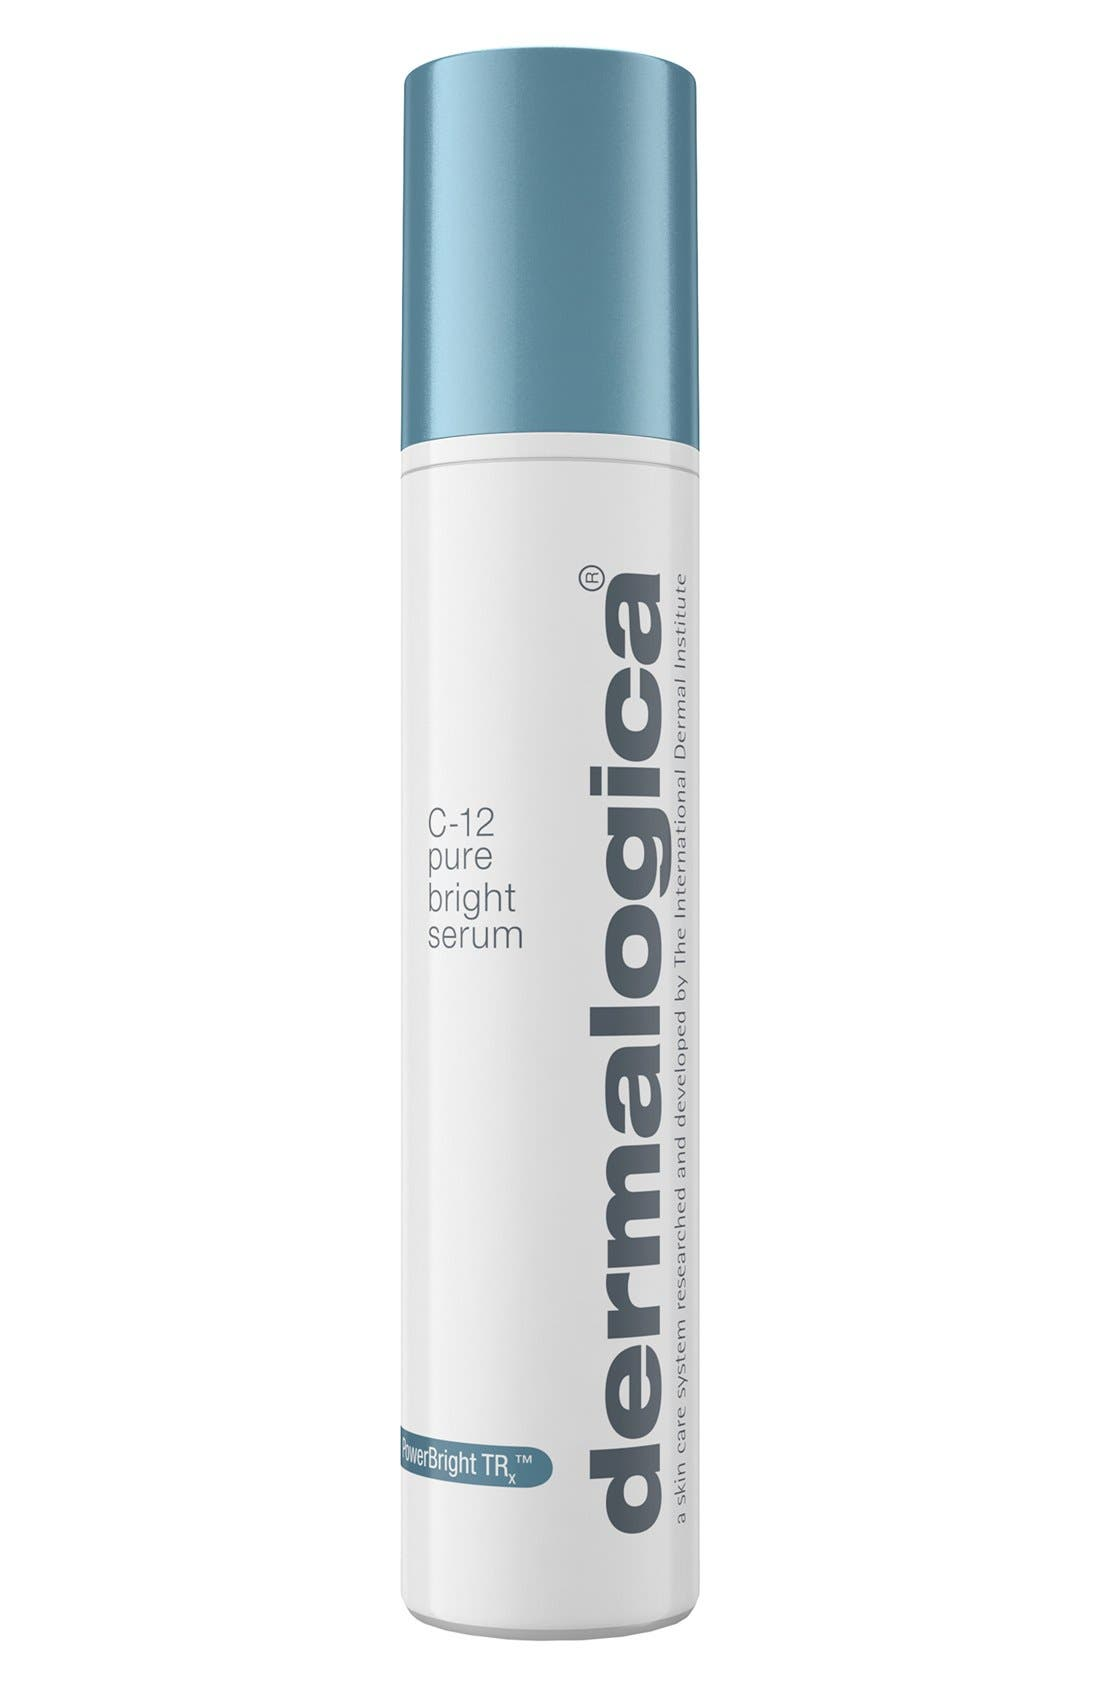 dermalogica® C-12 Pure Bright Serum